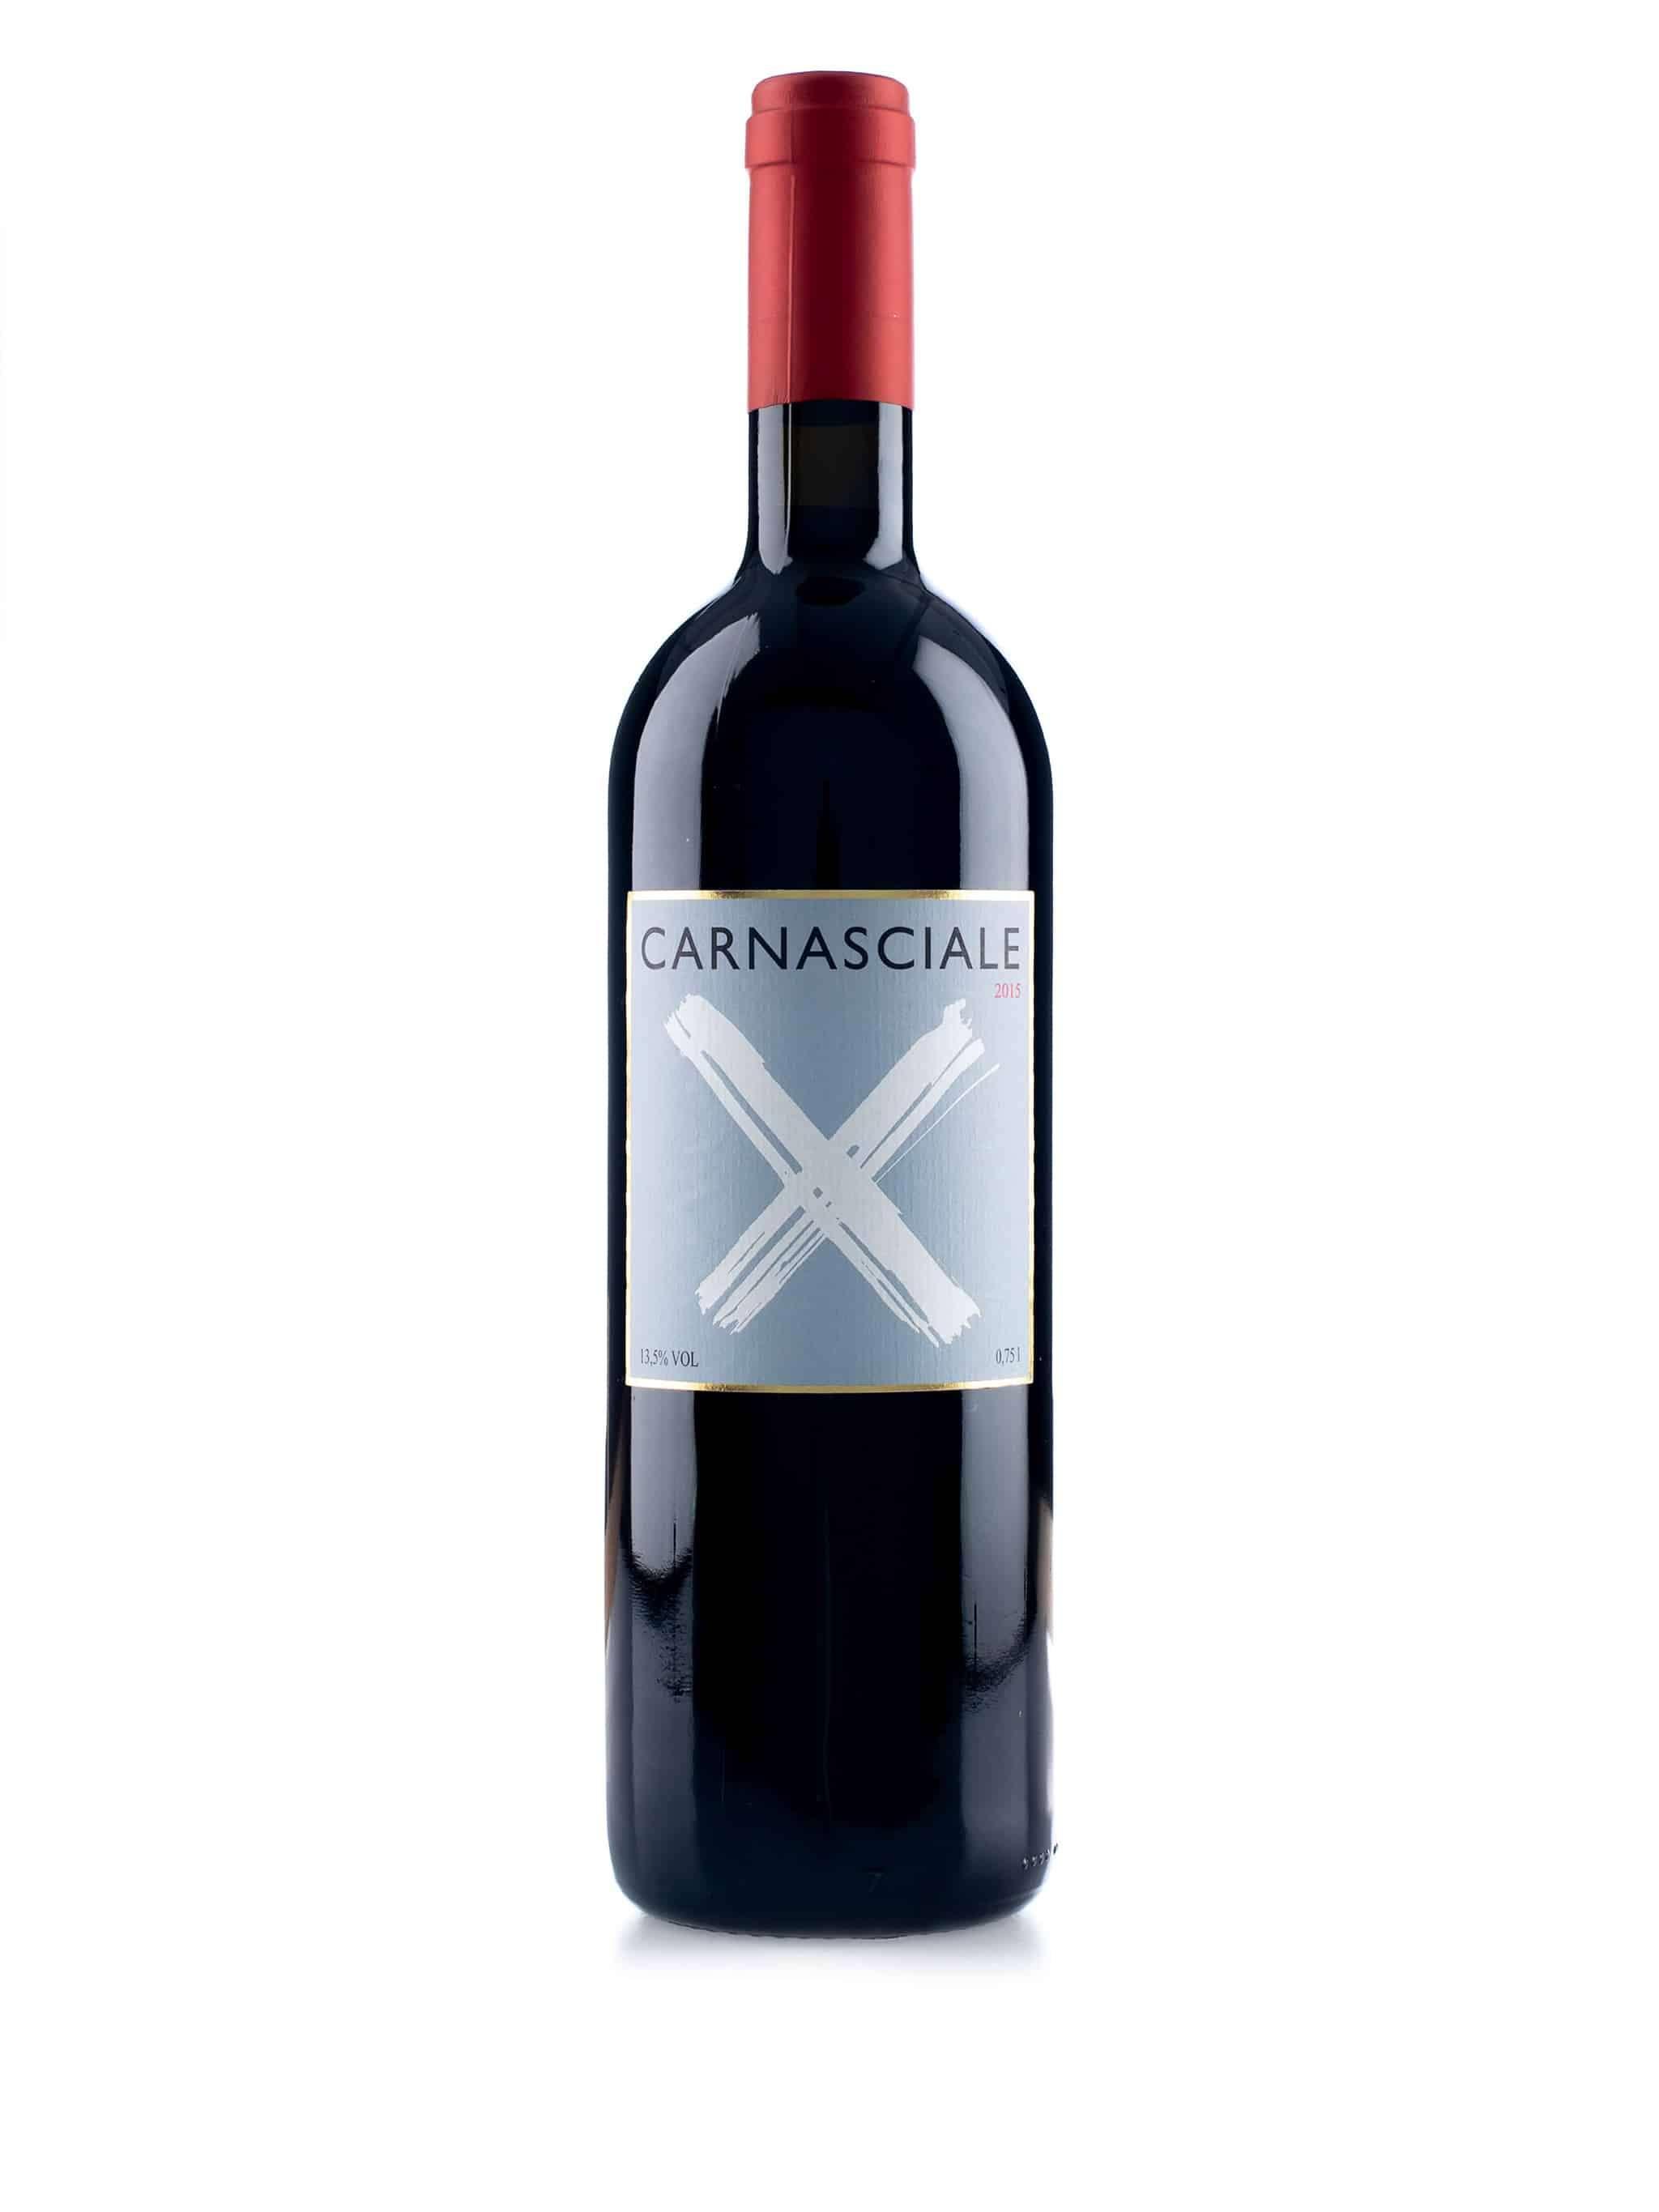 Italiaanse rode wijn van wijndomein Podere Il Carnasciale: Carnasciale